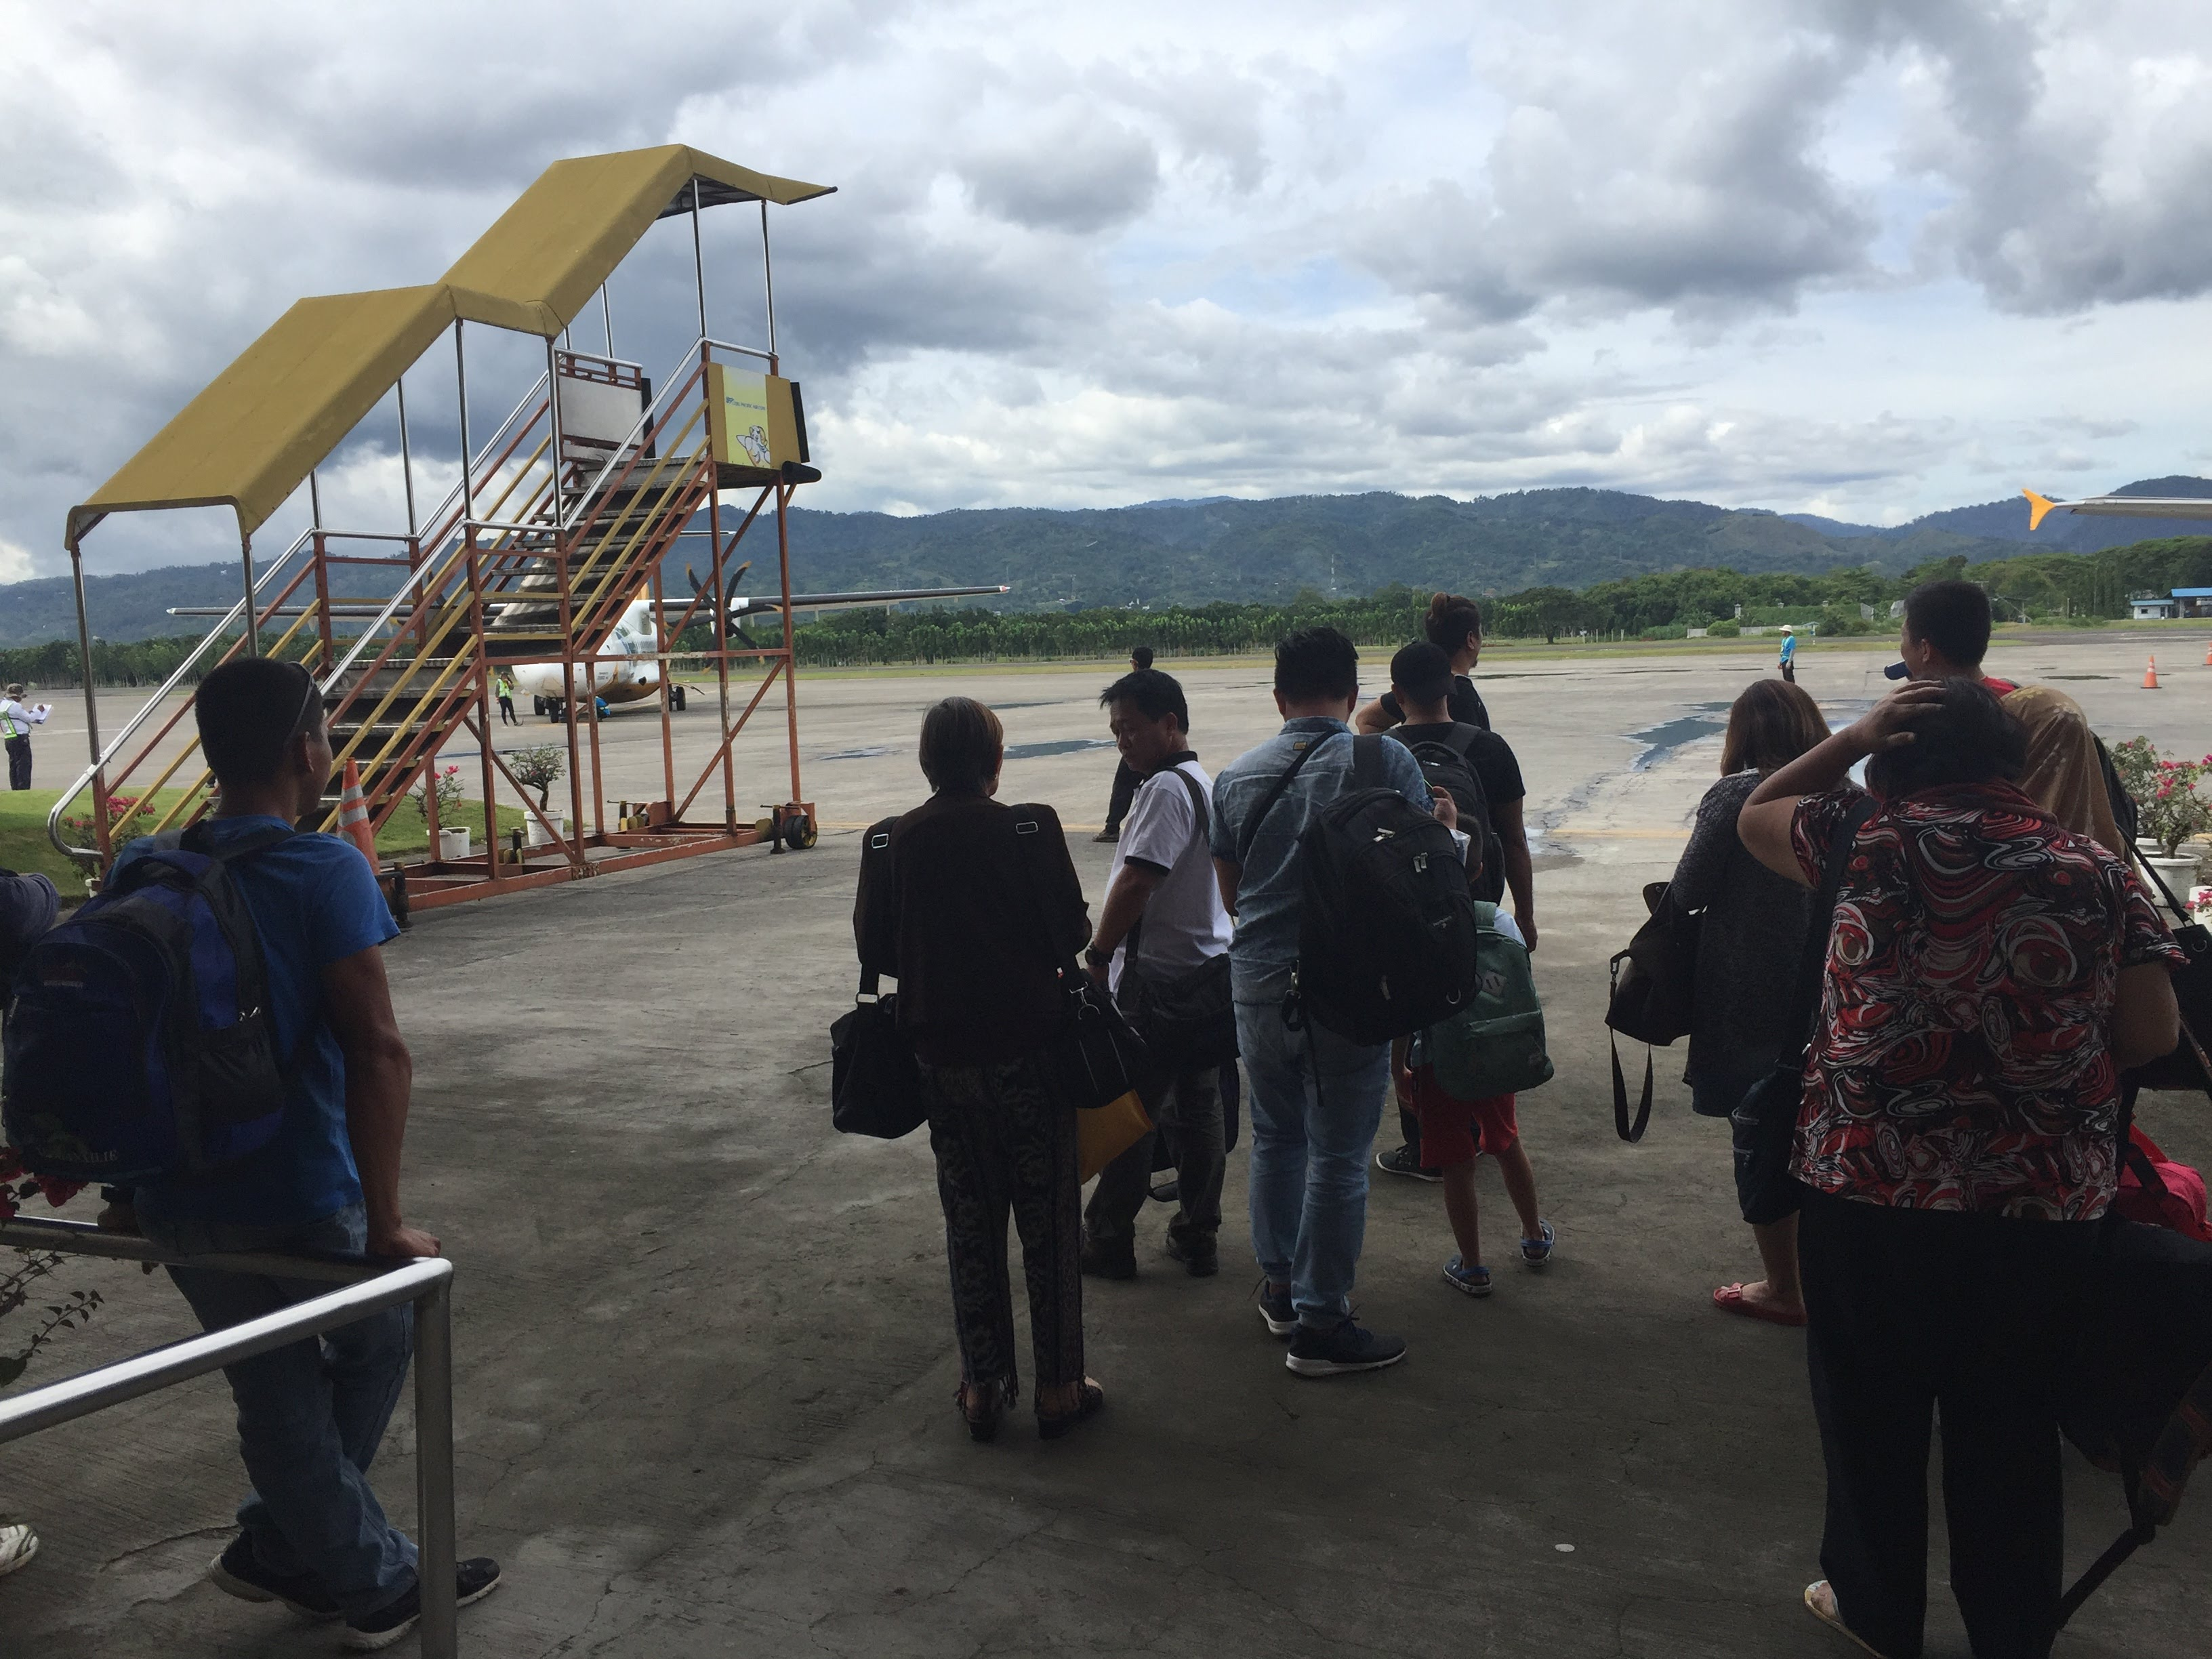 Zamboanga's airport to be transferred in 4-5 years